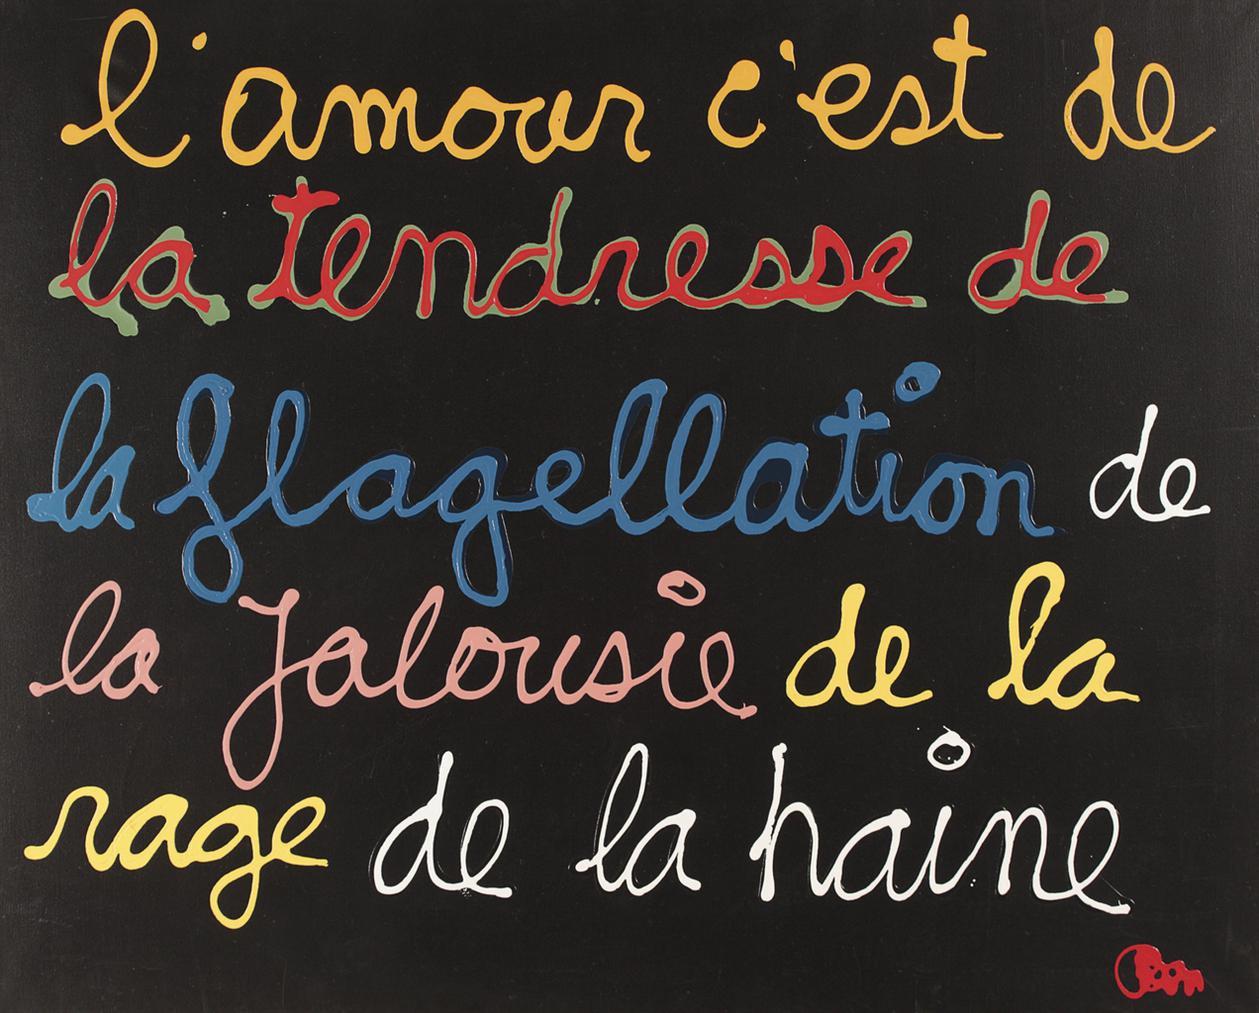 Ben Vautier-Lamour Cest De La Tendresse (Love Is Tenderness)-2002